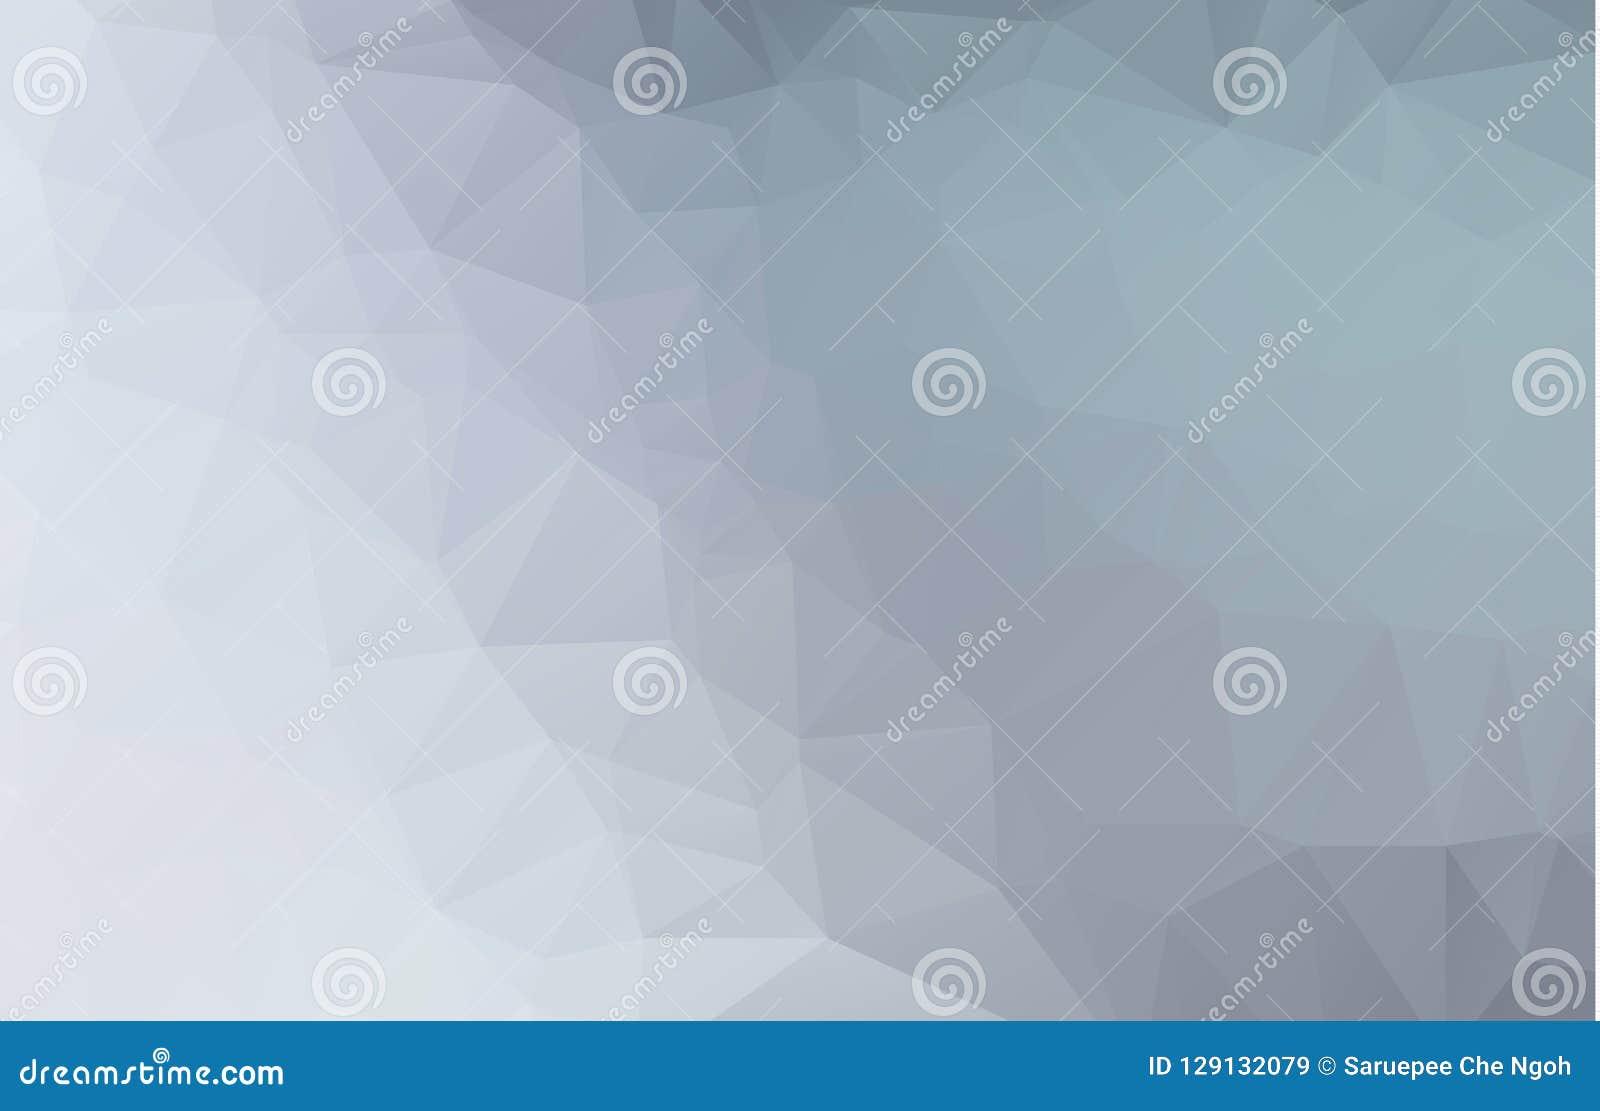 Retro modello astratto delle forme geometriche Contesto variopinto del mosaico di pendenza Fondo triangolare dei pantaloni a vita